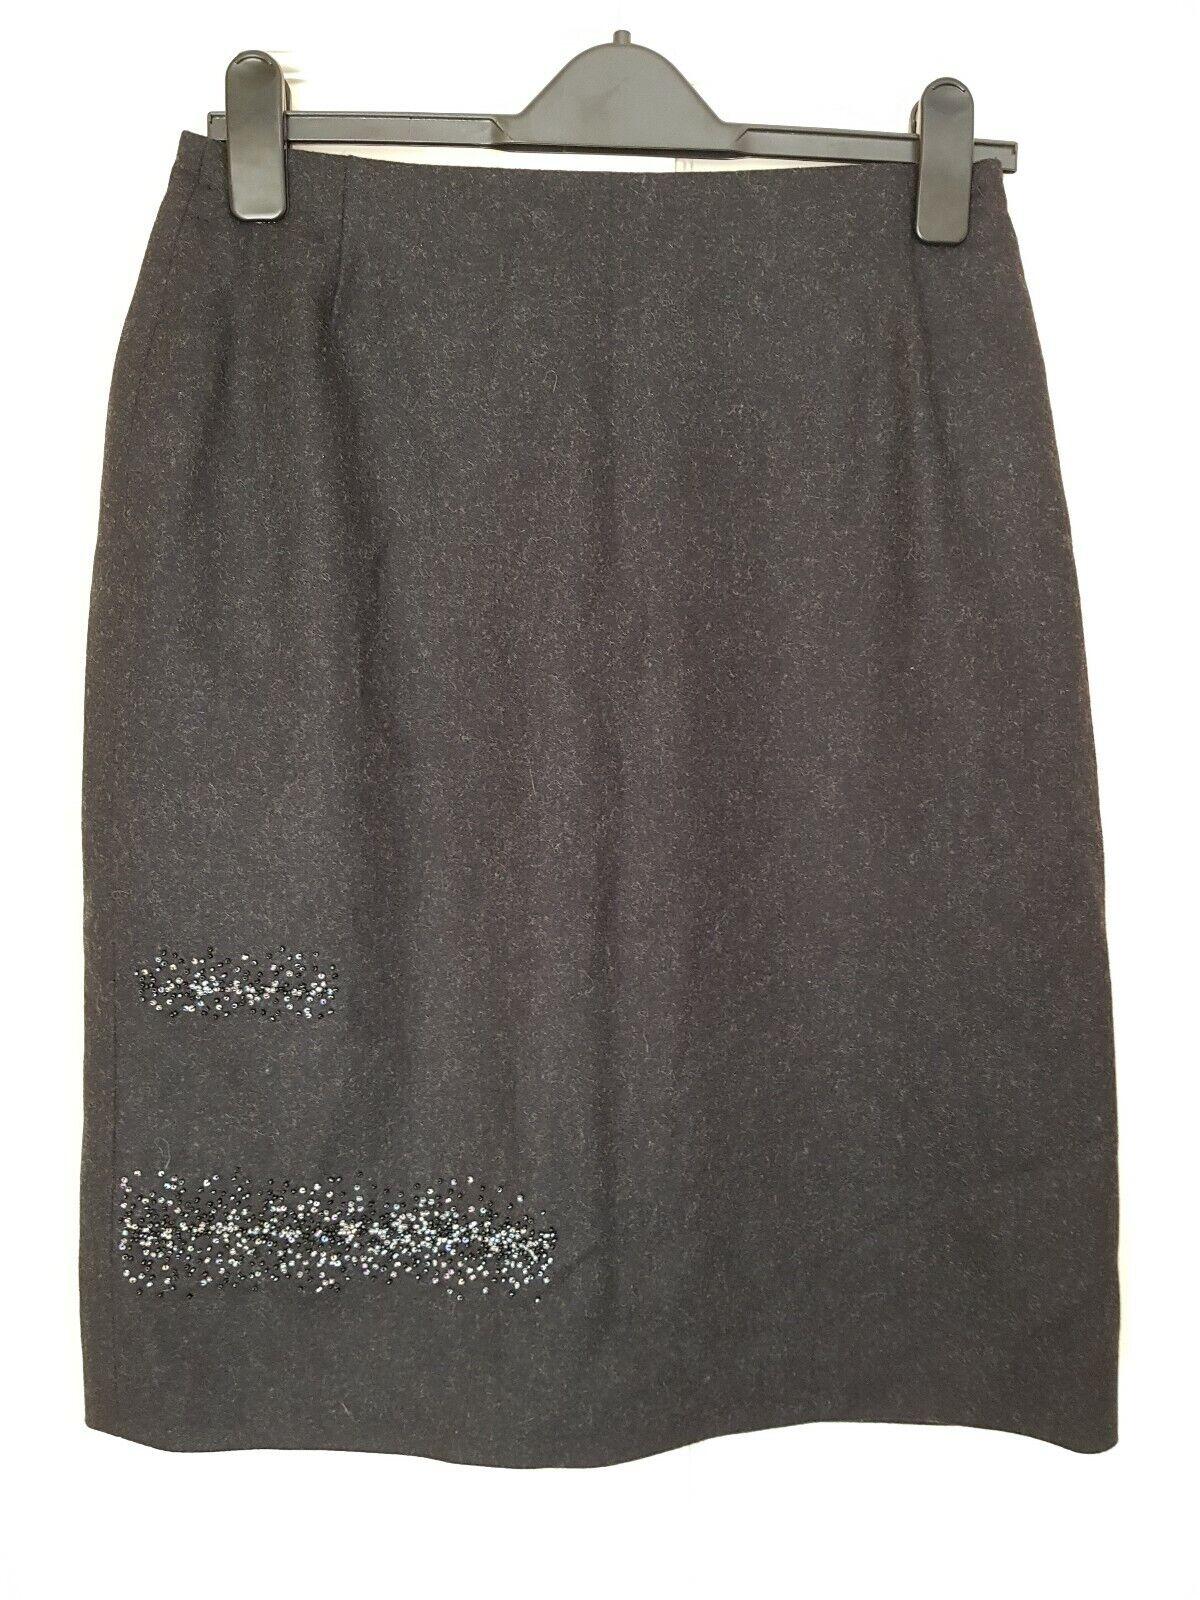 STUNNING Charcoal Grey Virgin Wool cashmere  Skirt By KAREN MILLEN VGC